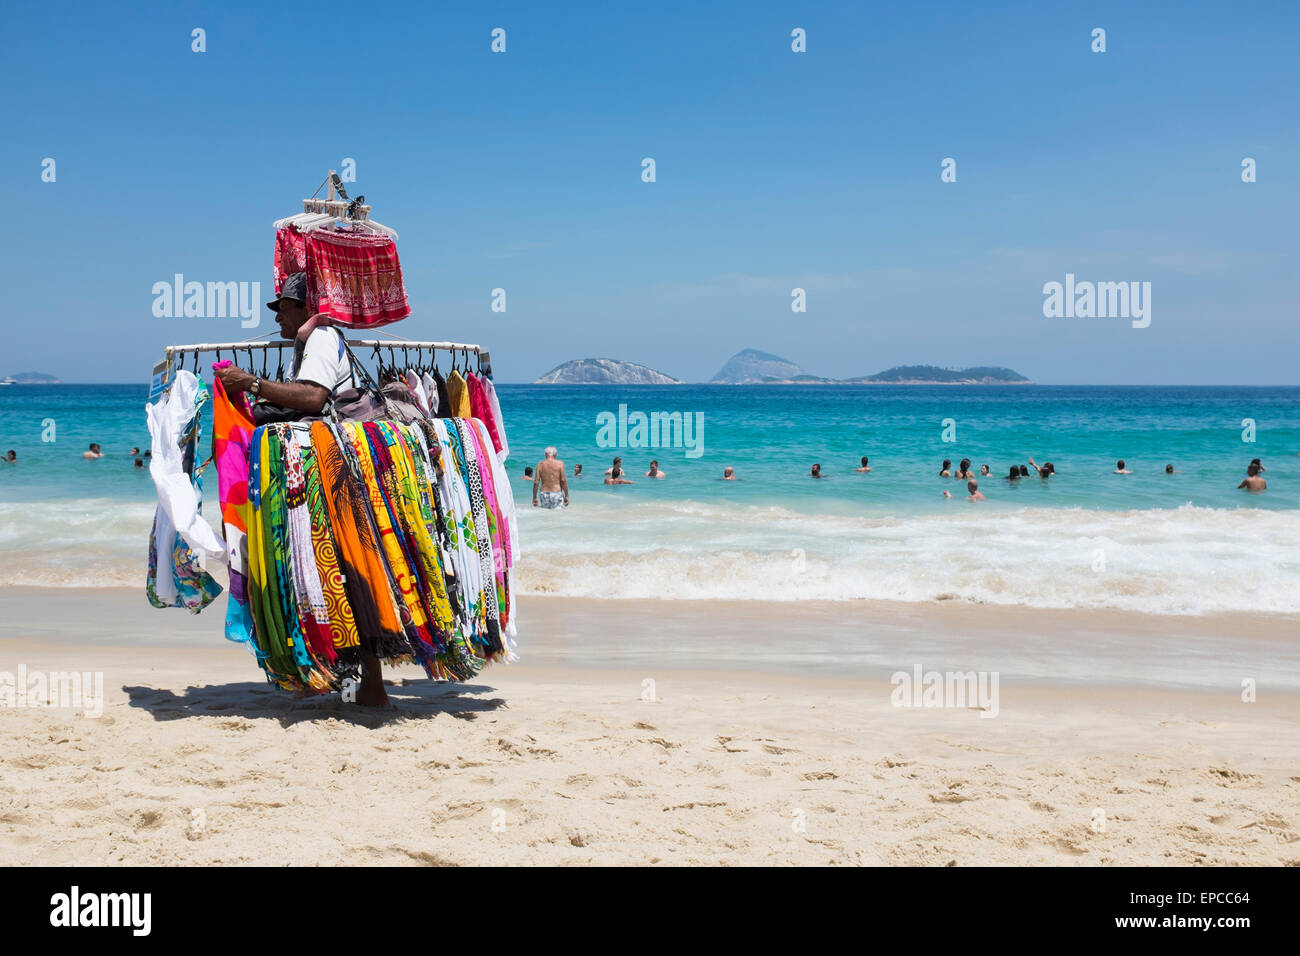 Río de Janeiro, Brasil - 15 de marzo de 2015: un proveedor de playa venta de vestidos de colores brillantes Imagen De Stock